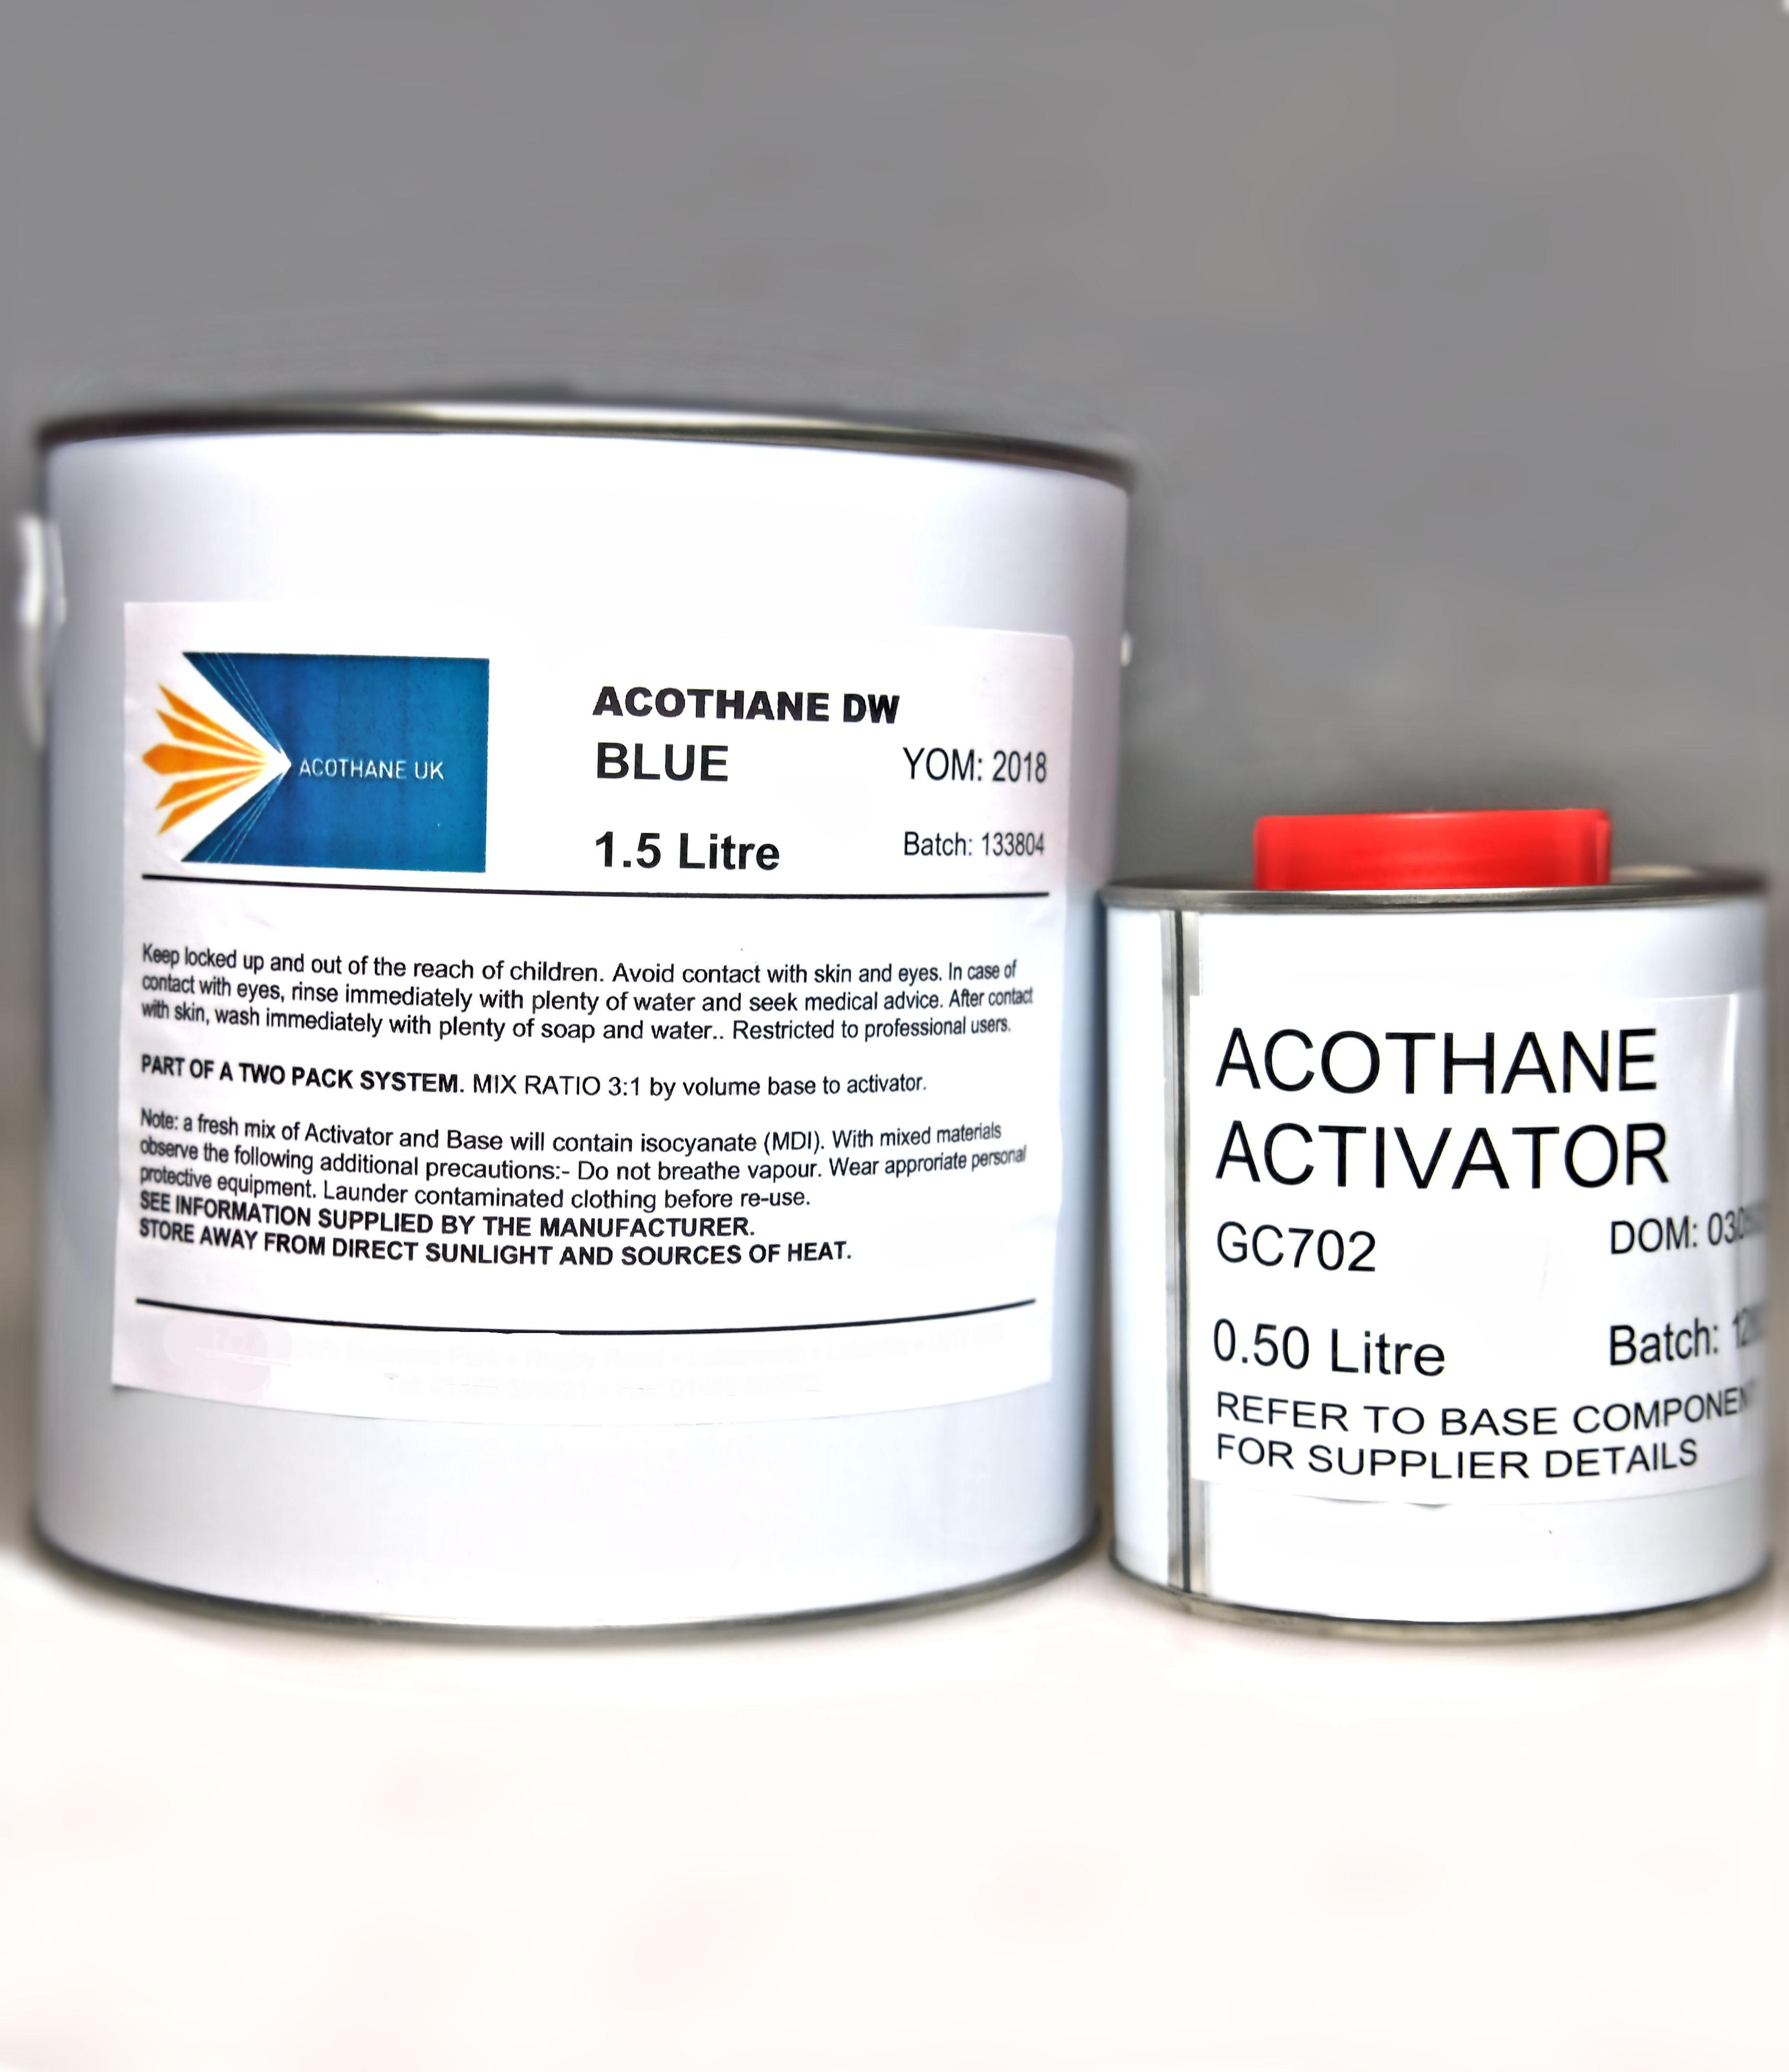 acothane